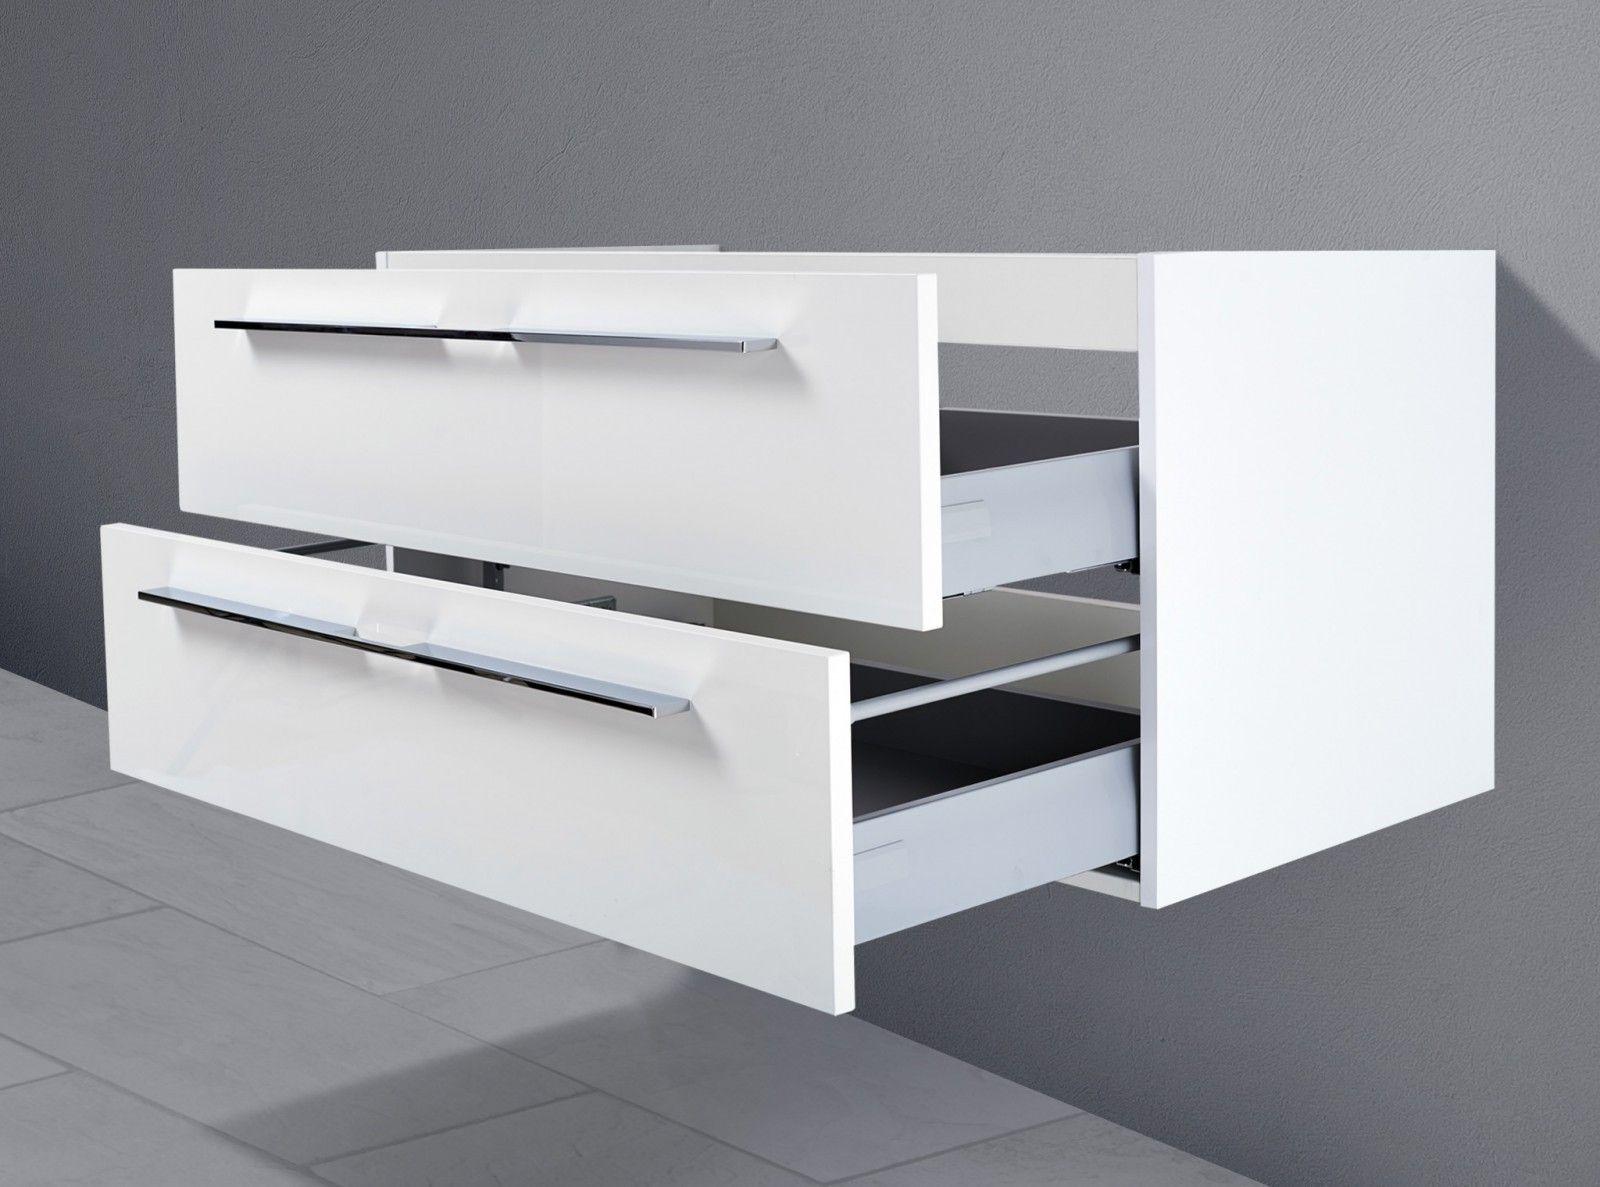 Genial waschbecken mit unterschrank 80 cm | Deutsche Deko | Pinterest | {Doppelwaschtisch aufsatzwaschbecken duravit 97}